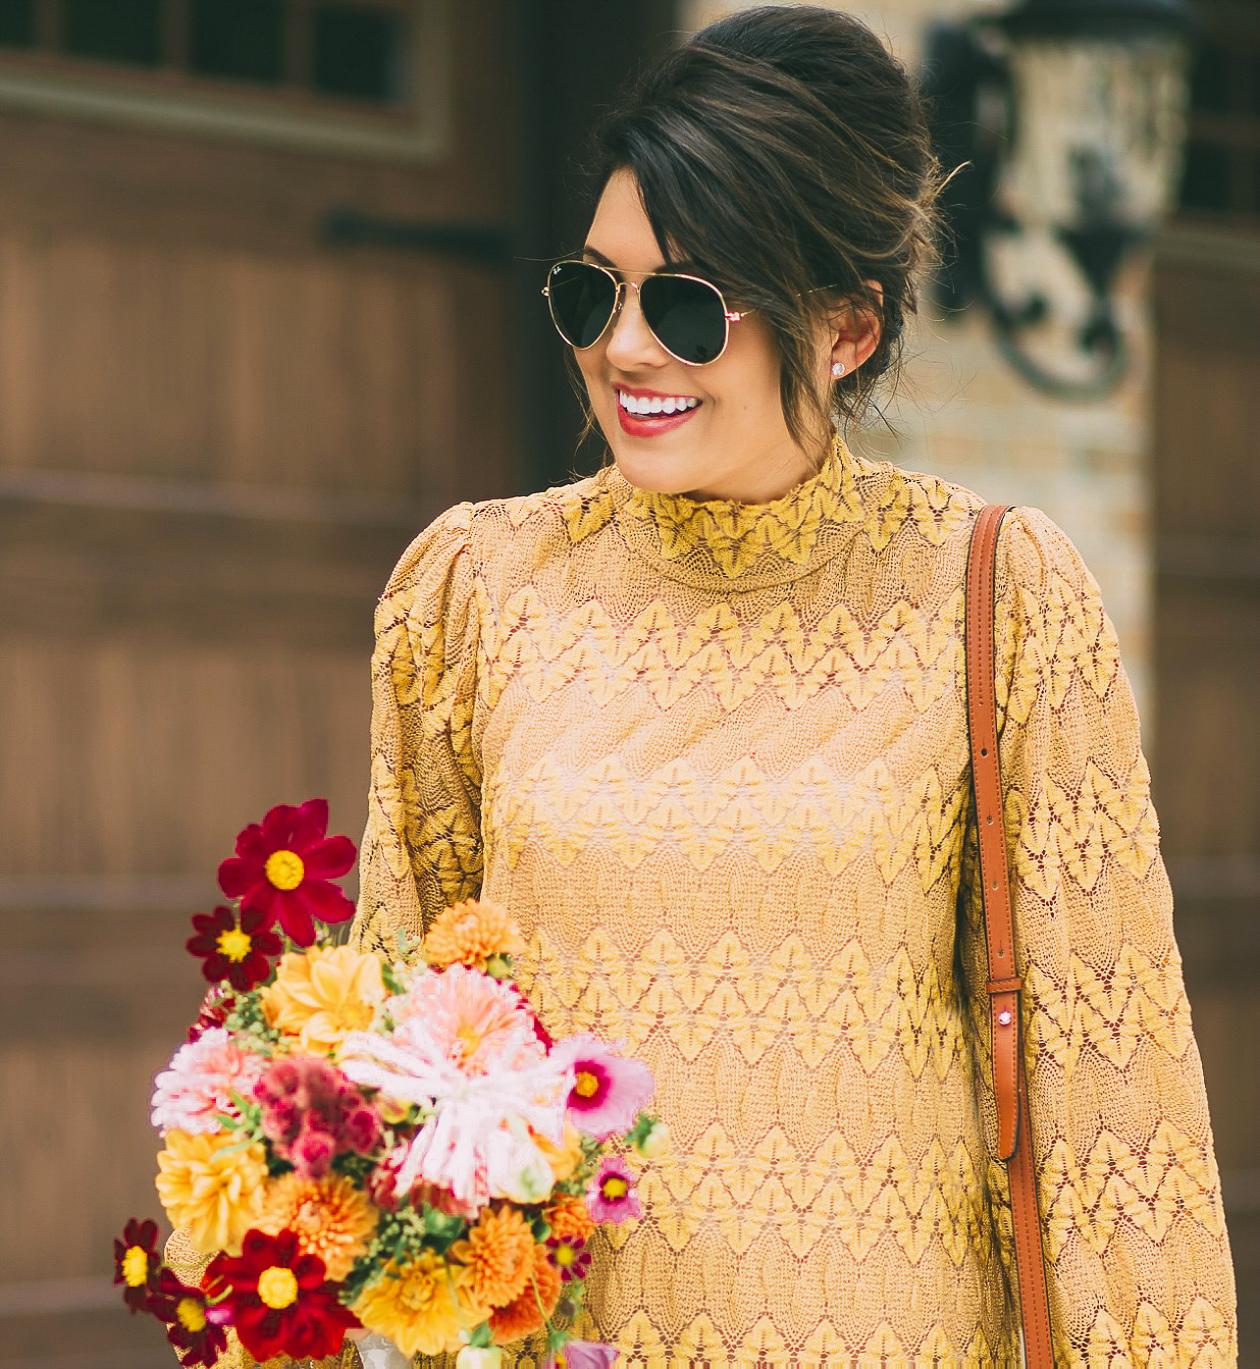 free people simone dress, fall fashion, mustard yellow dress, life and messy hair, xo samantha brooke, samantha brooke